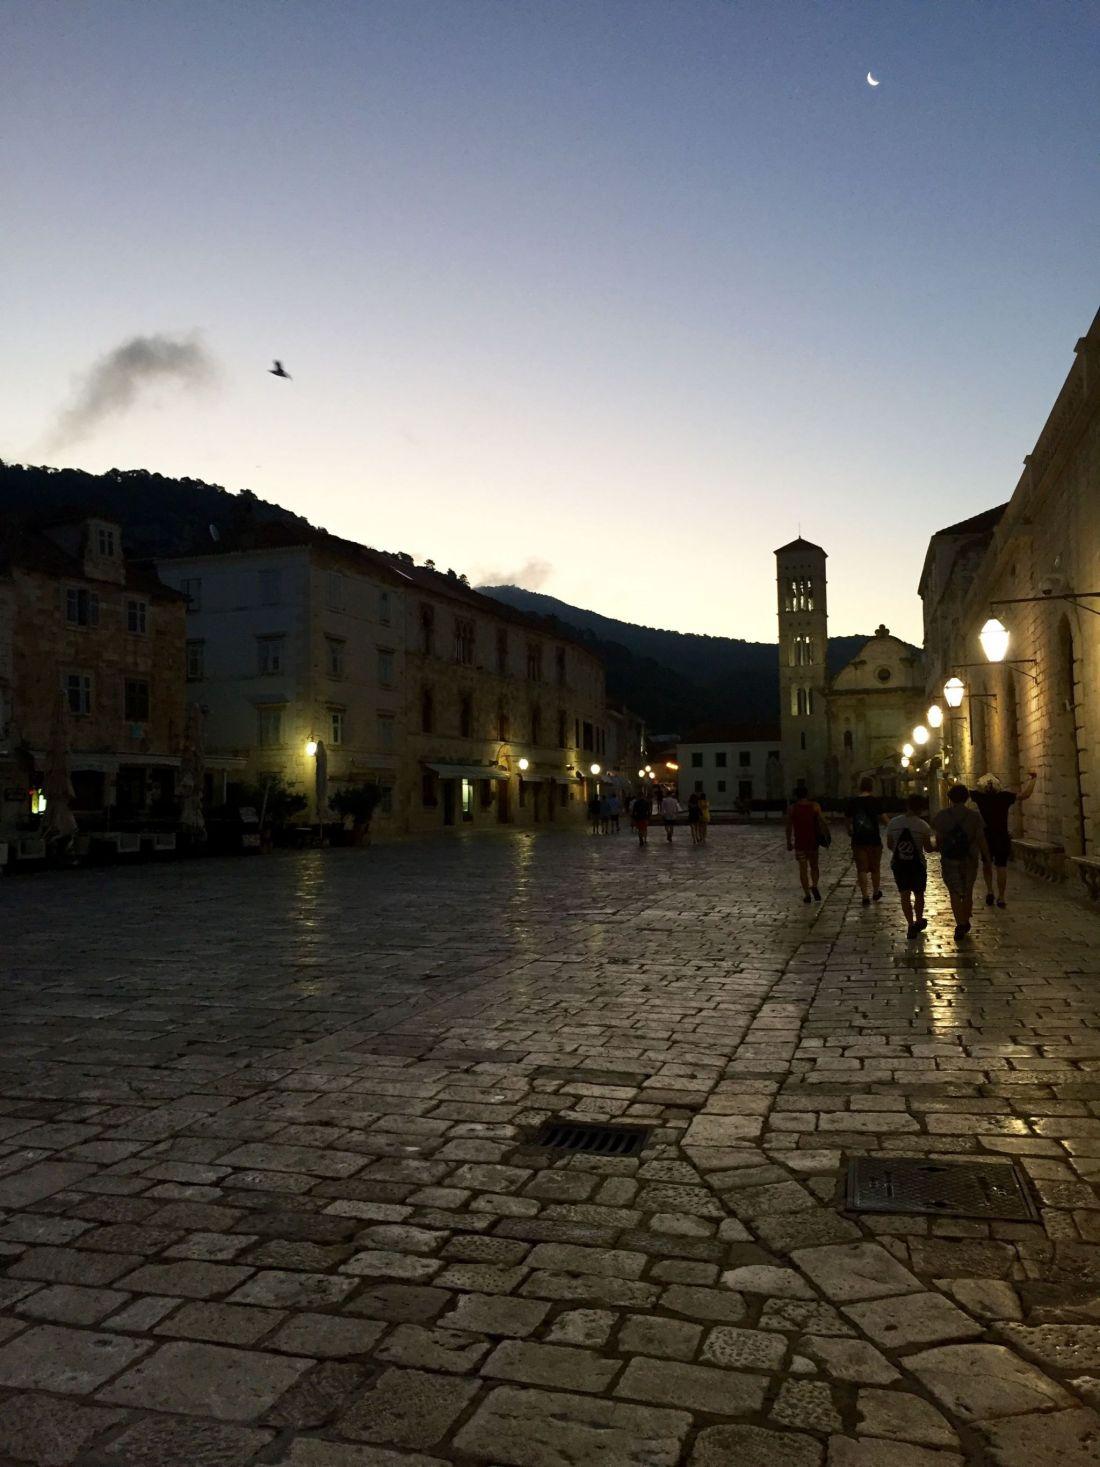 Hvar square at dawn